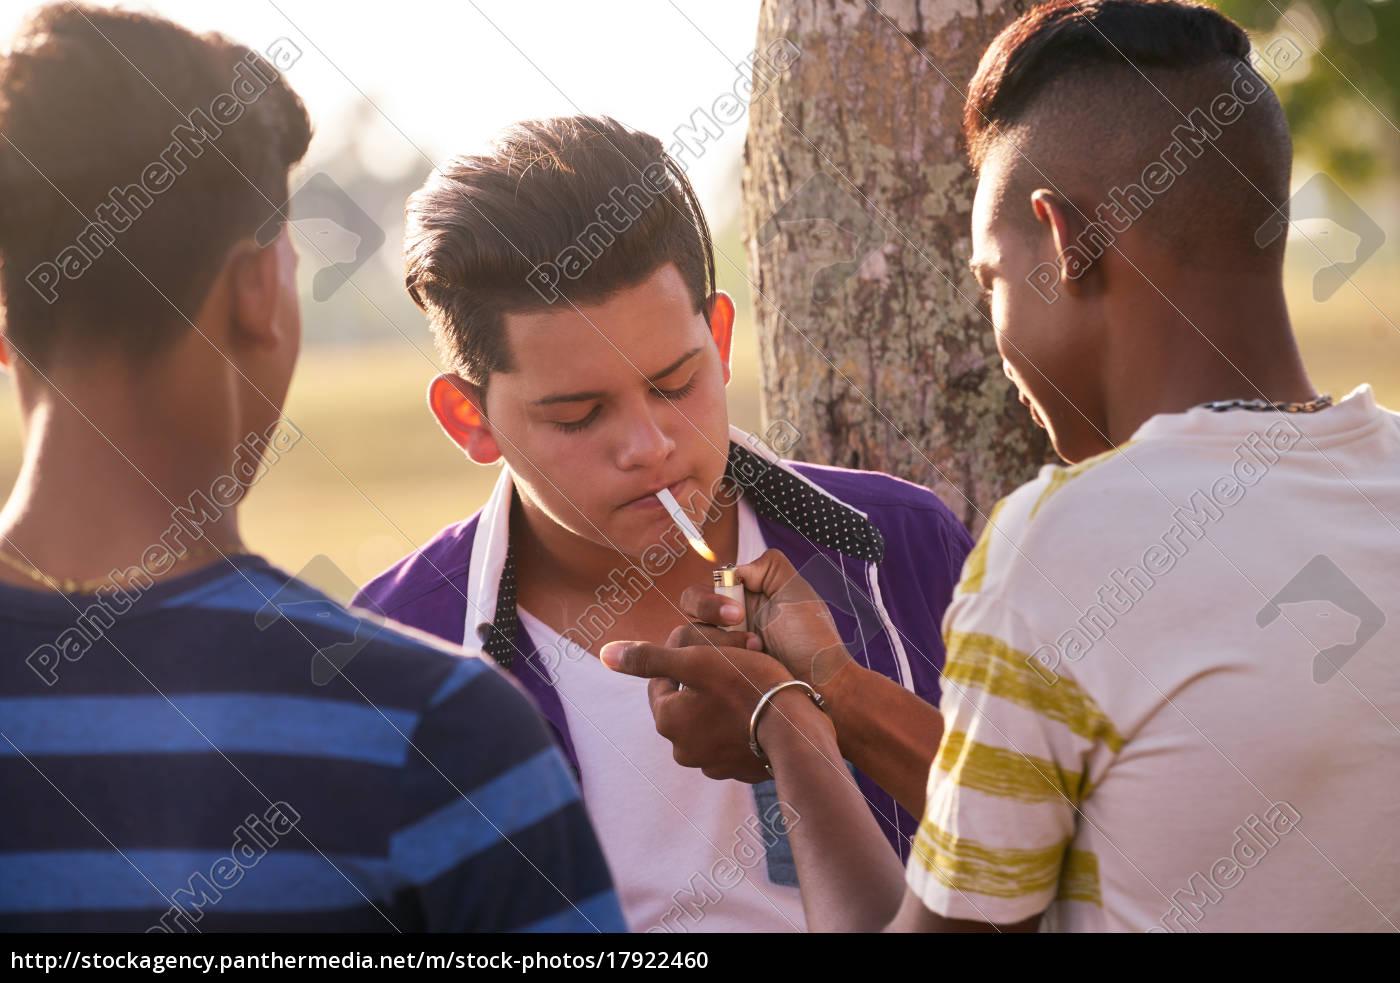 gruppe, jugendlichen, boy, smoking, cigarette, mit - 17922460